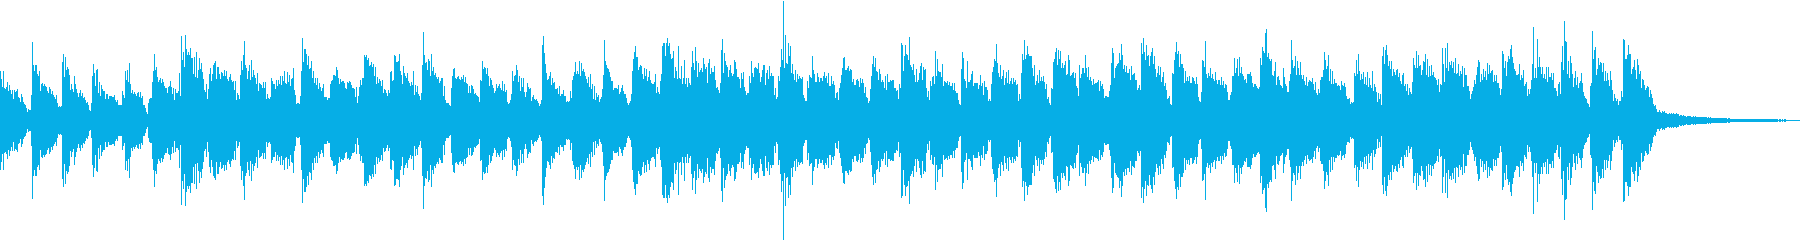 ポップなギターの掛け合いの再生済みの波形